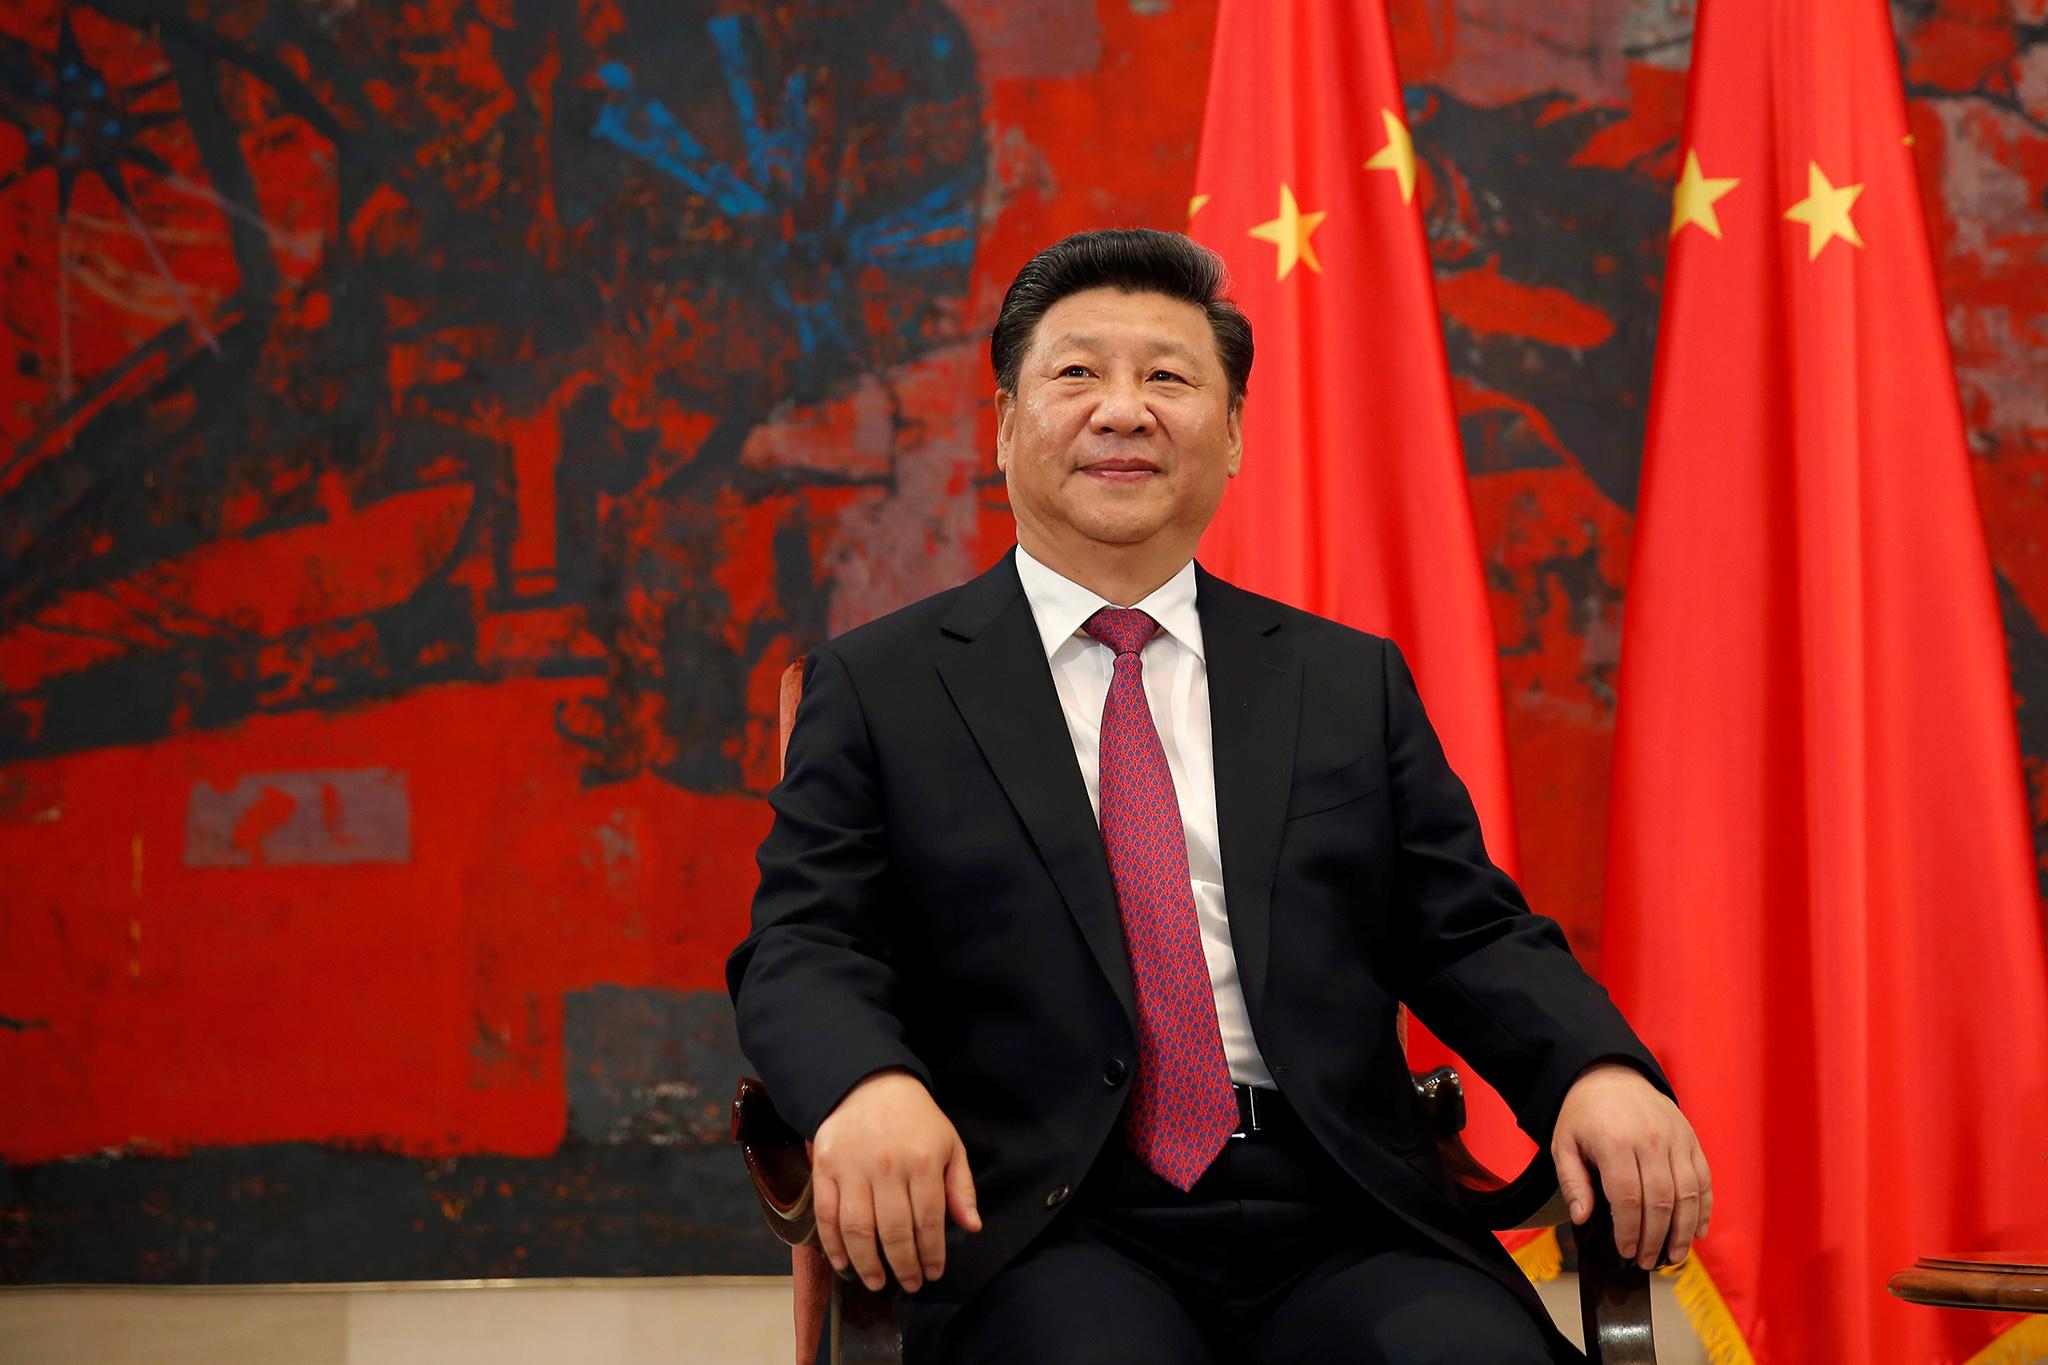 MNE chinês desvaloriza Declaração Conjunta.Ameaça ou disparate?